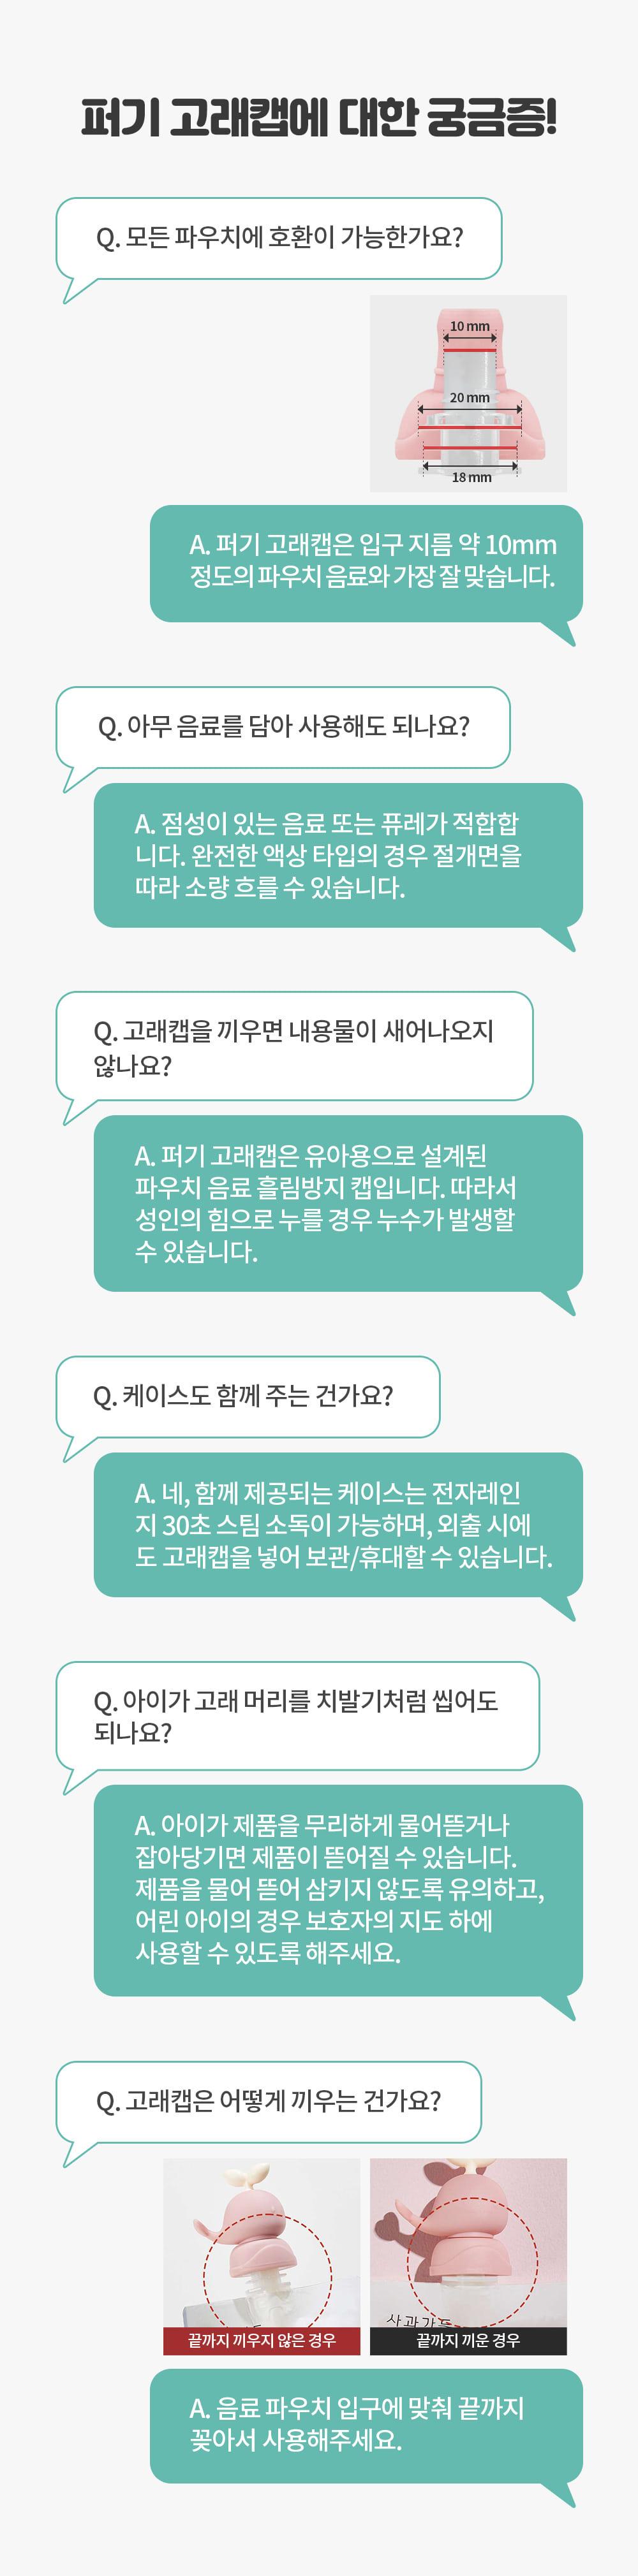 퍼기 고래캡 Q&A